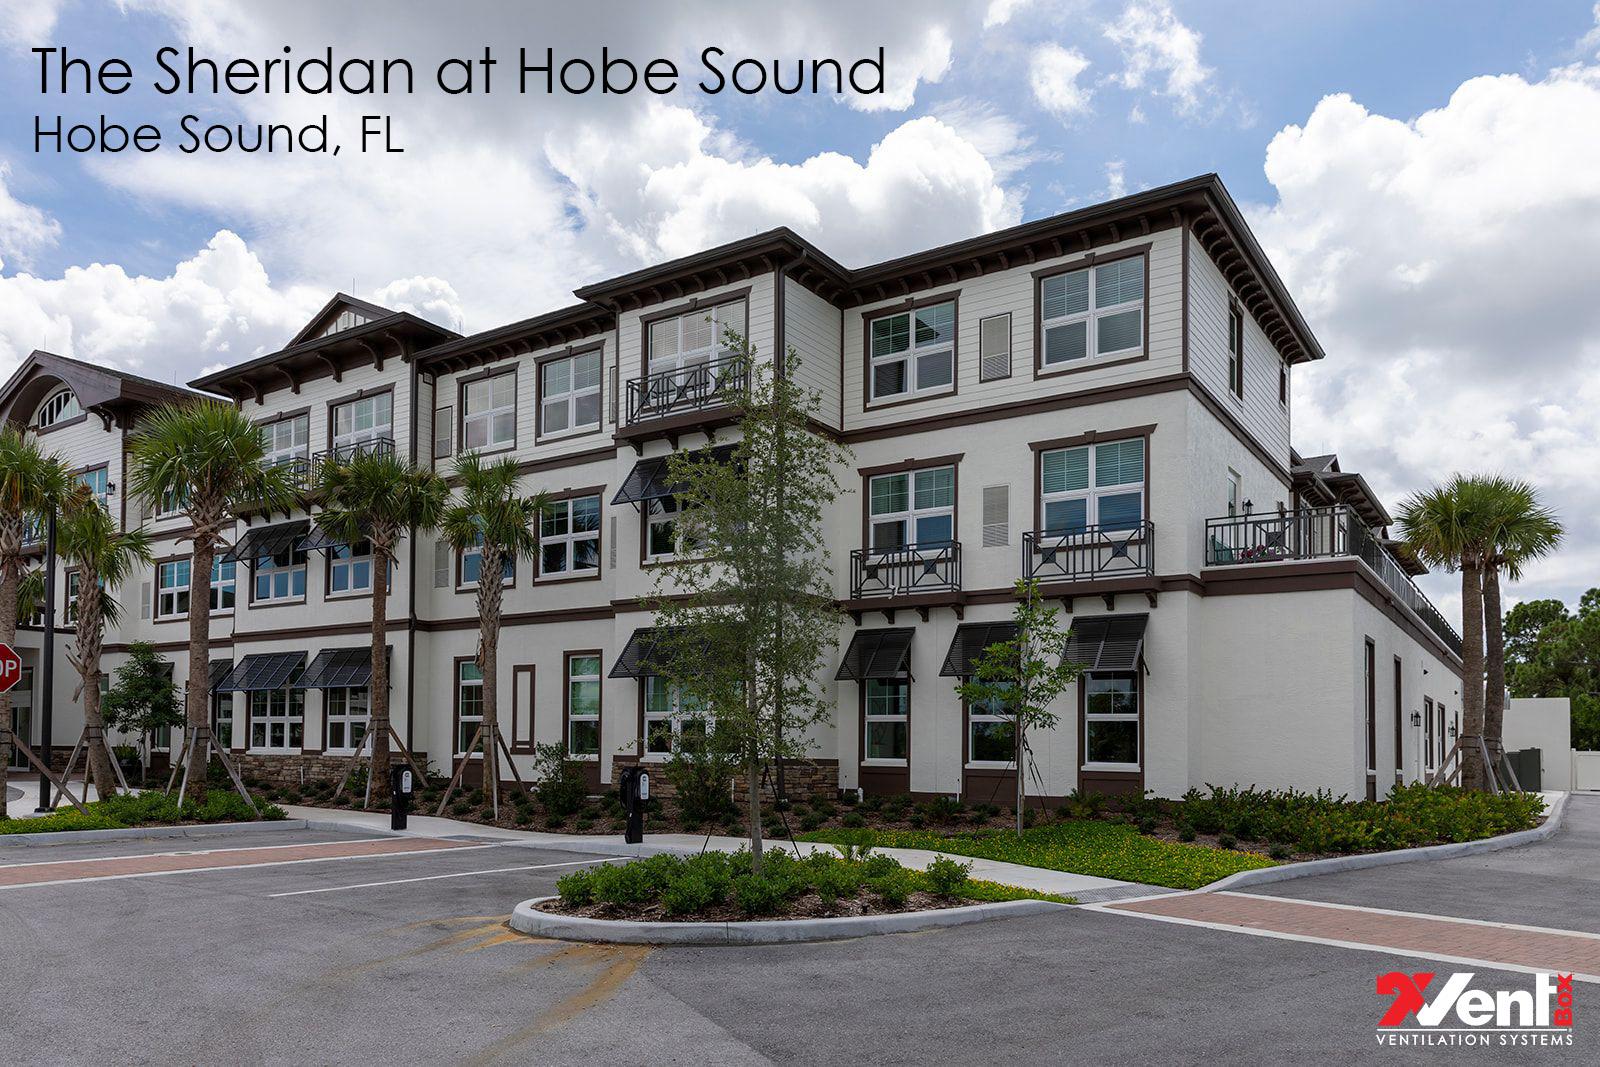 The Sheridan at Hobe Sound